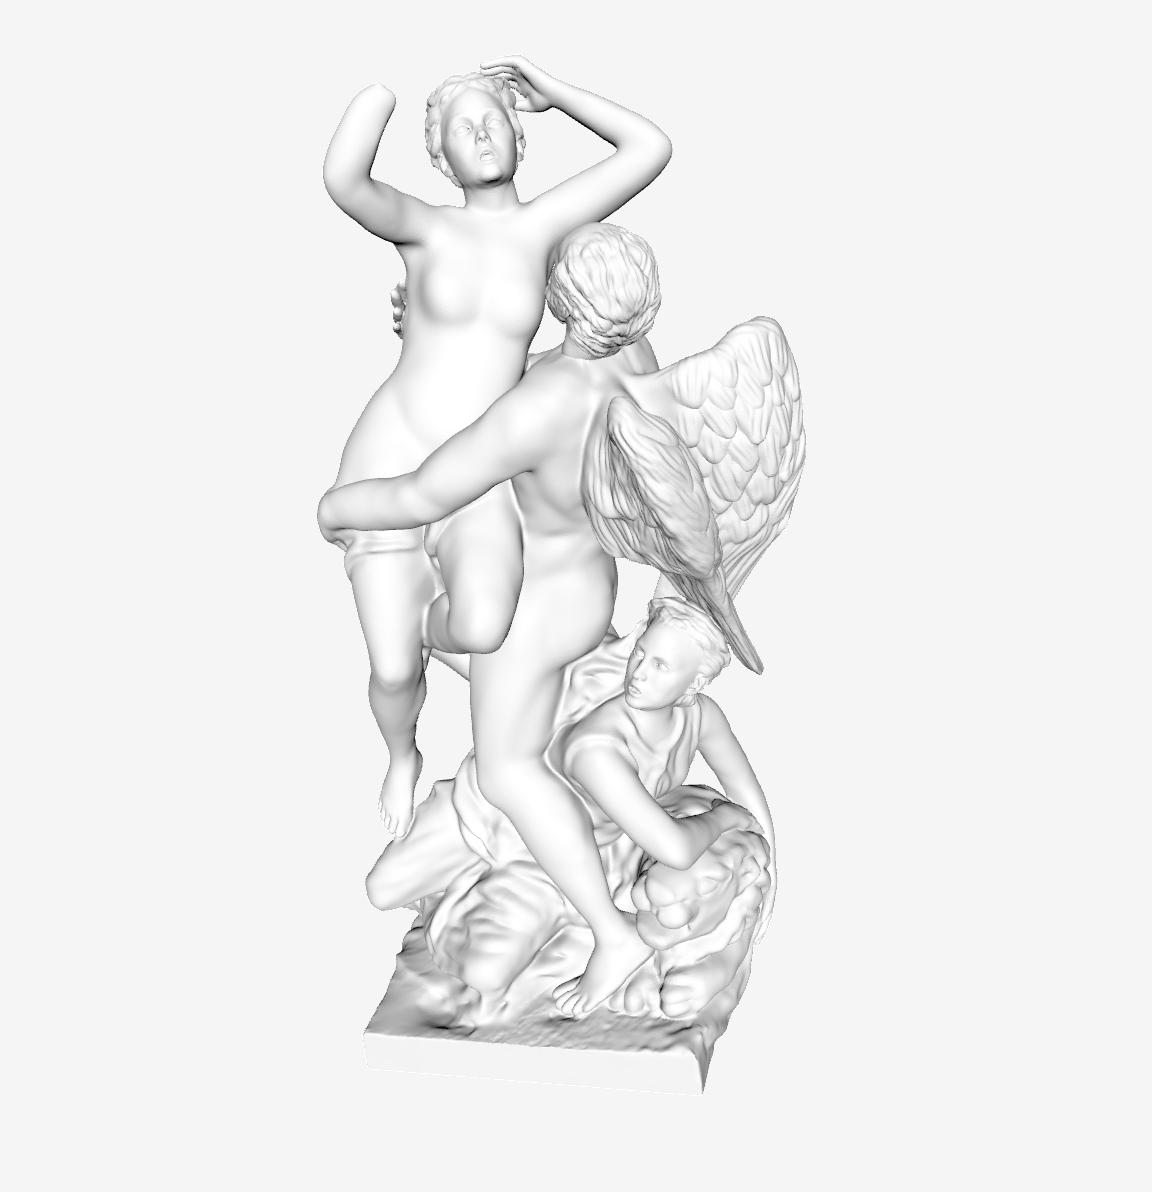 Capture d'écran 2018-09-21 à 16.15.55.png Download free STL file Saturn Abducting Cybele at The Louvre, Paris • 3D printing template, Louvre